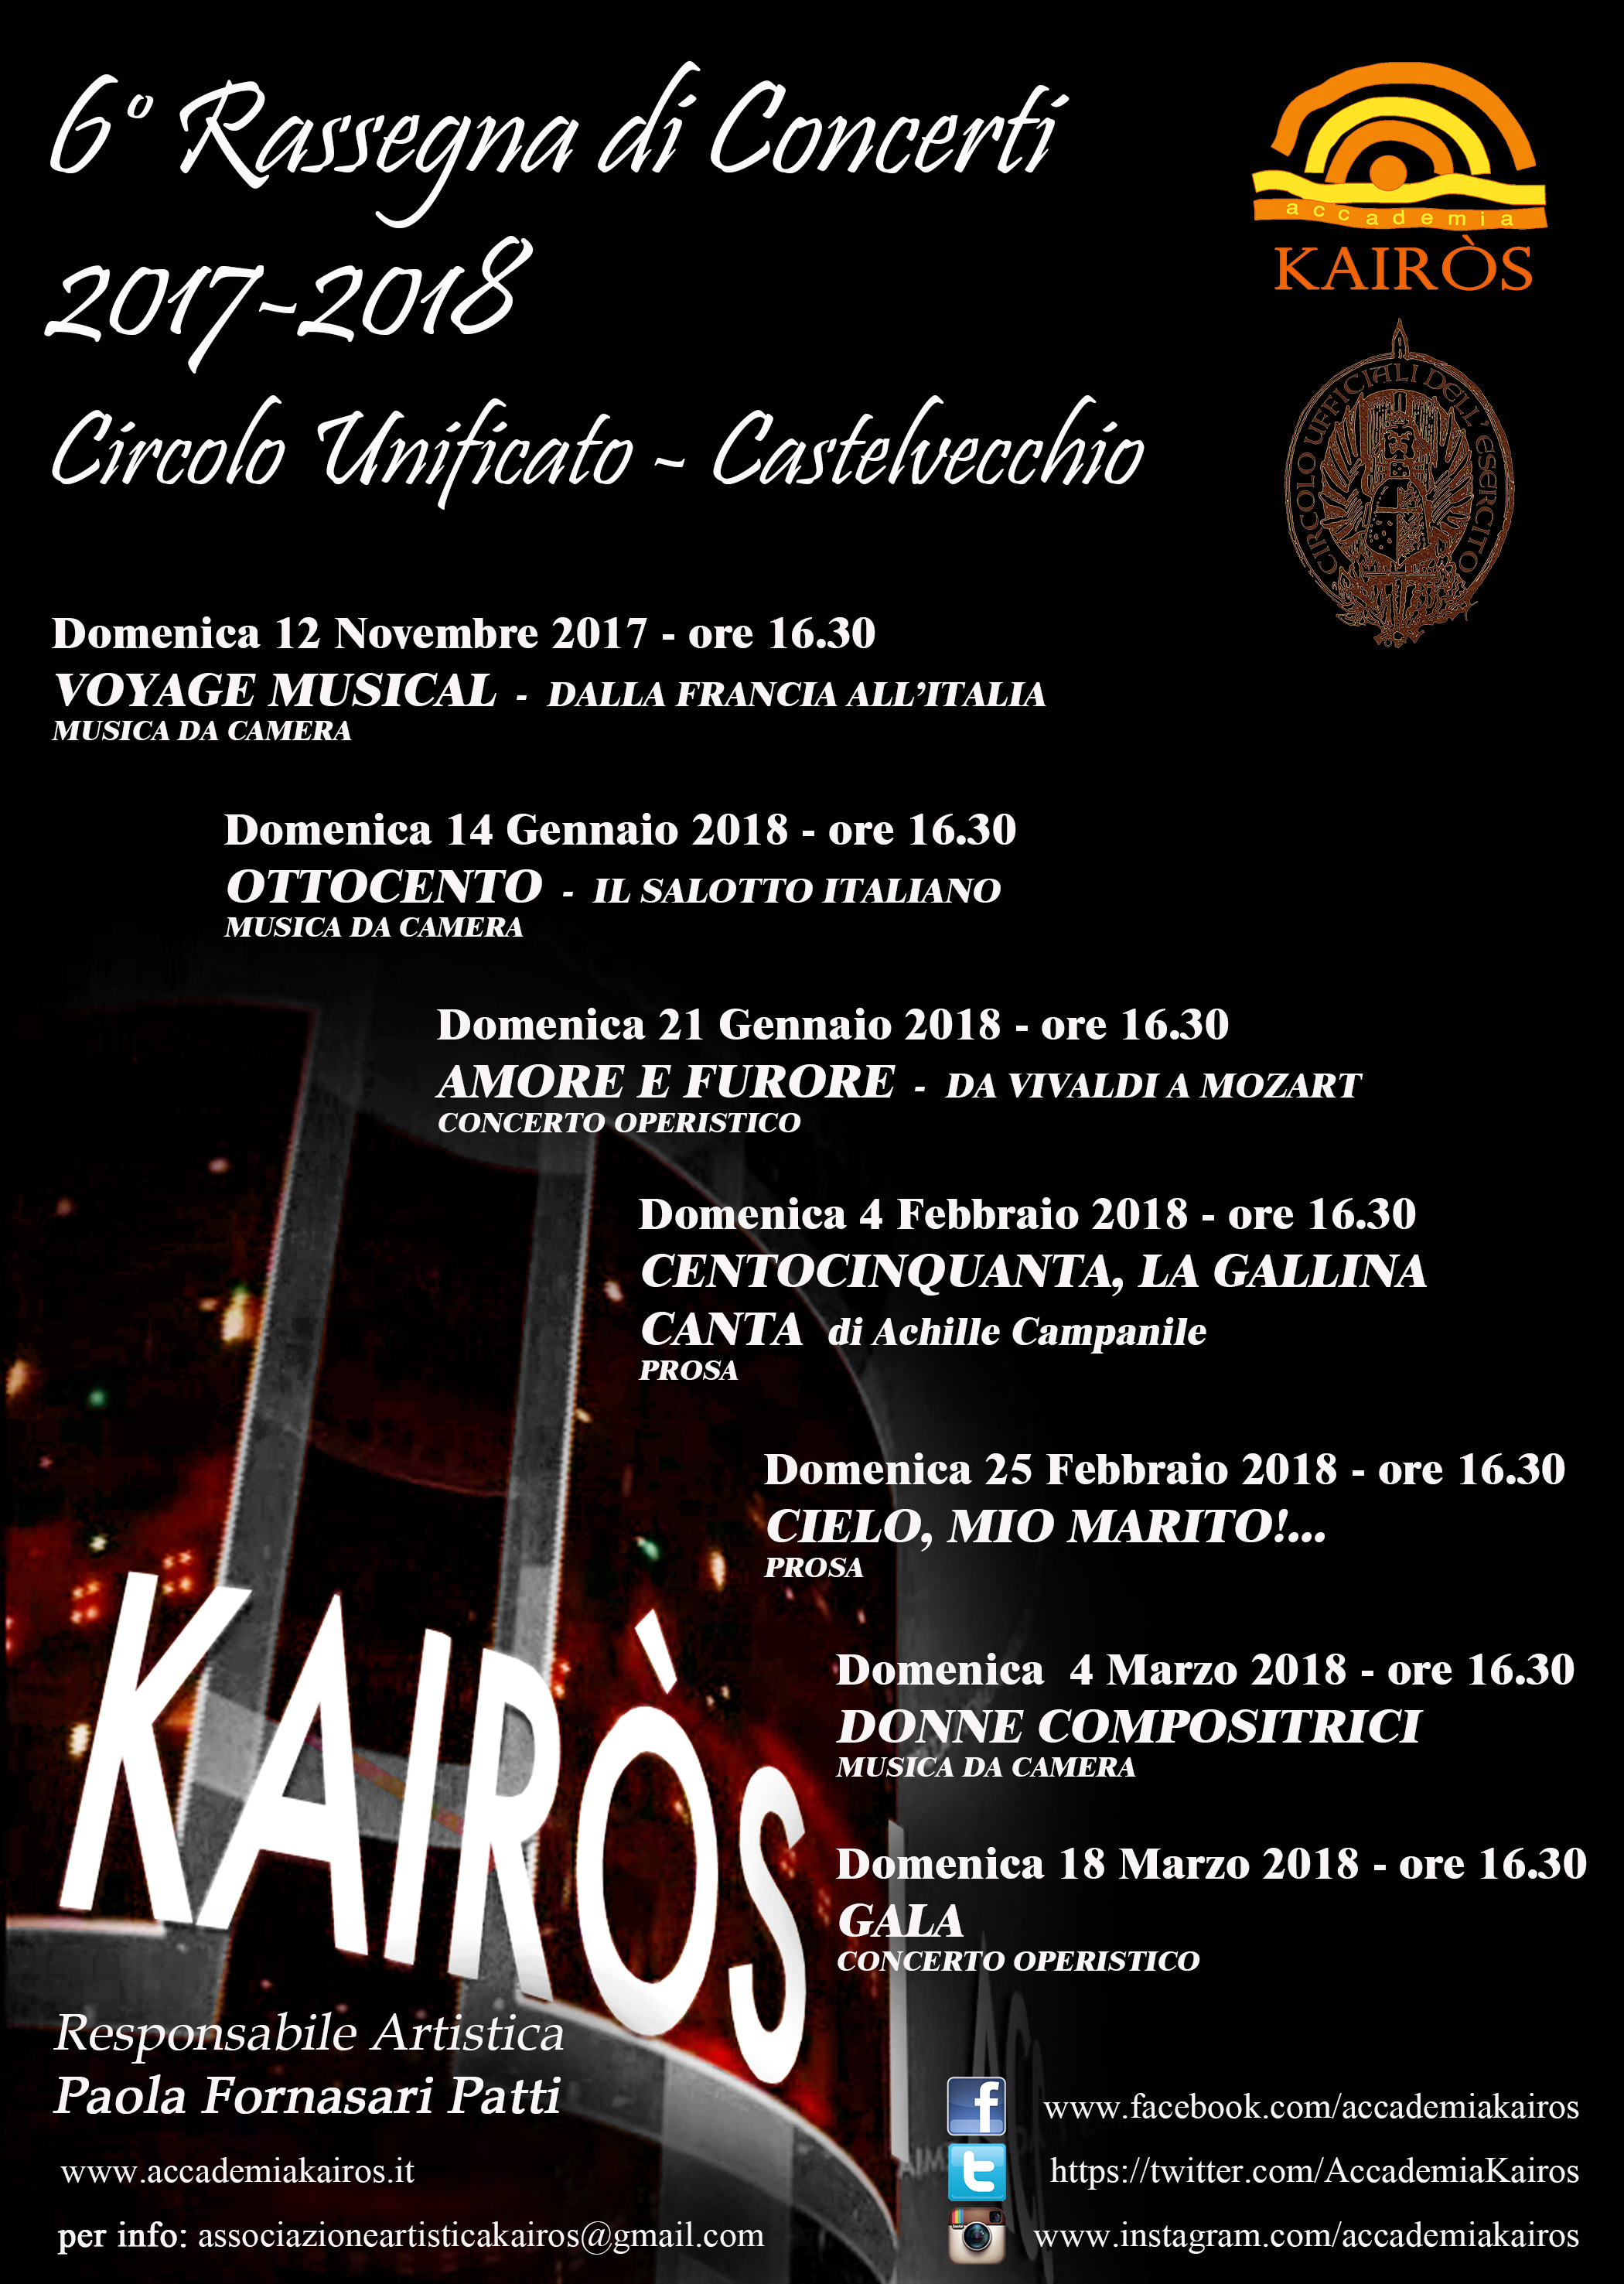 Cartolina Concerti Circ Unificato 2017-2018